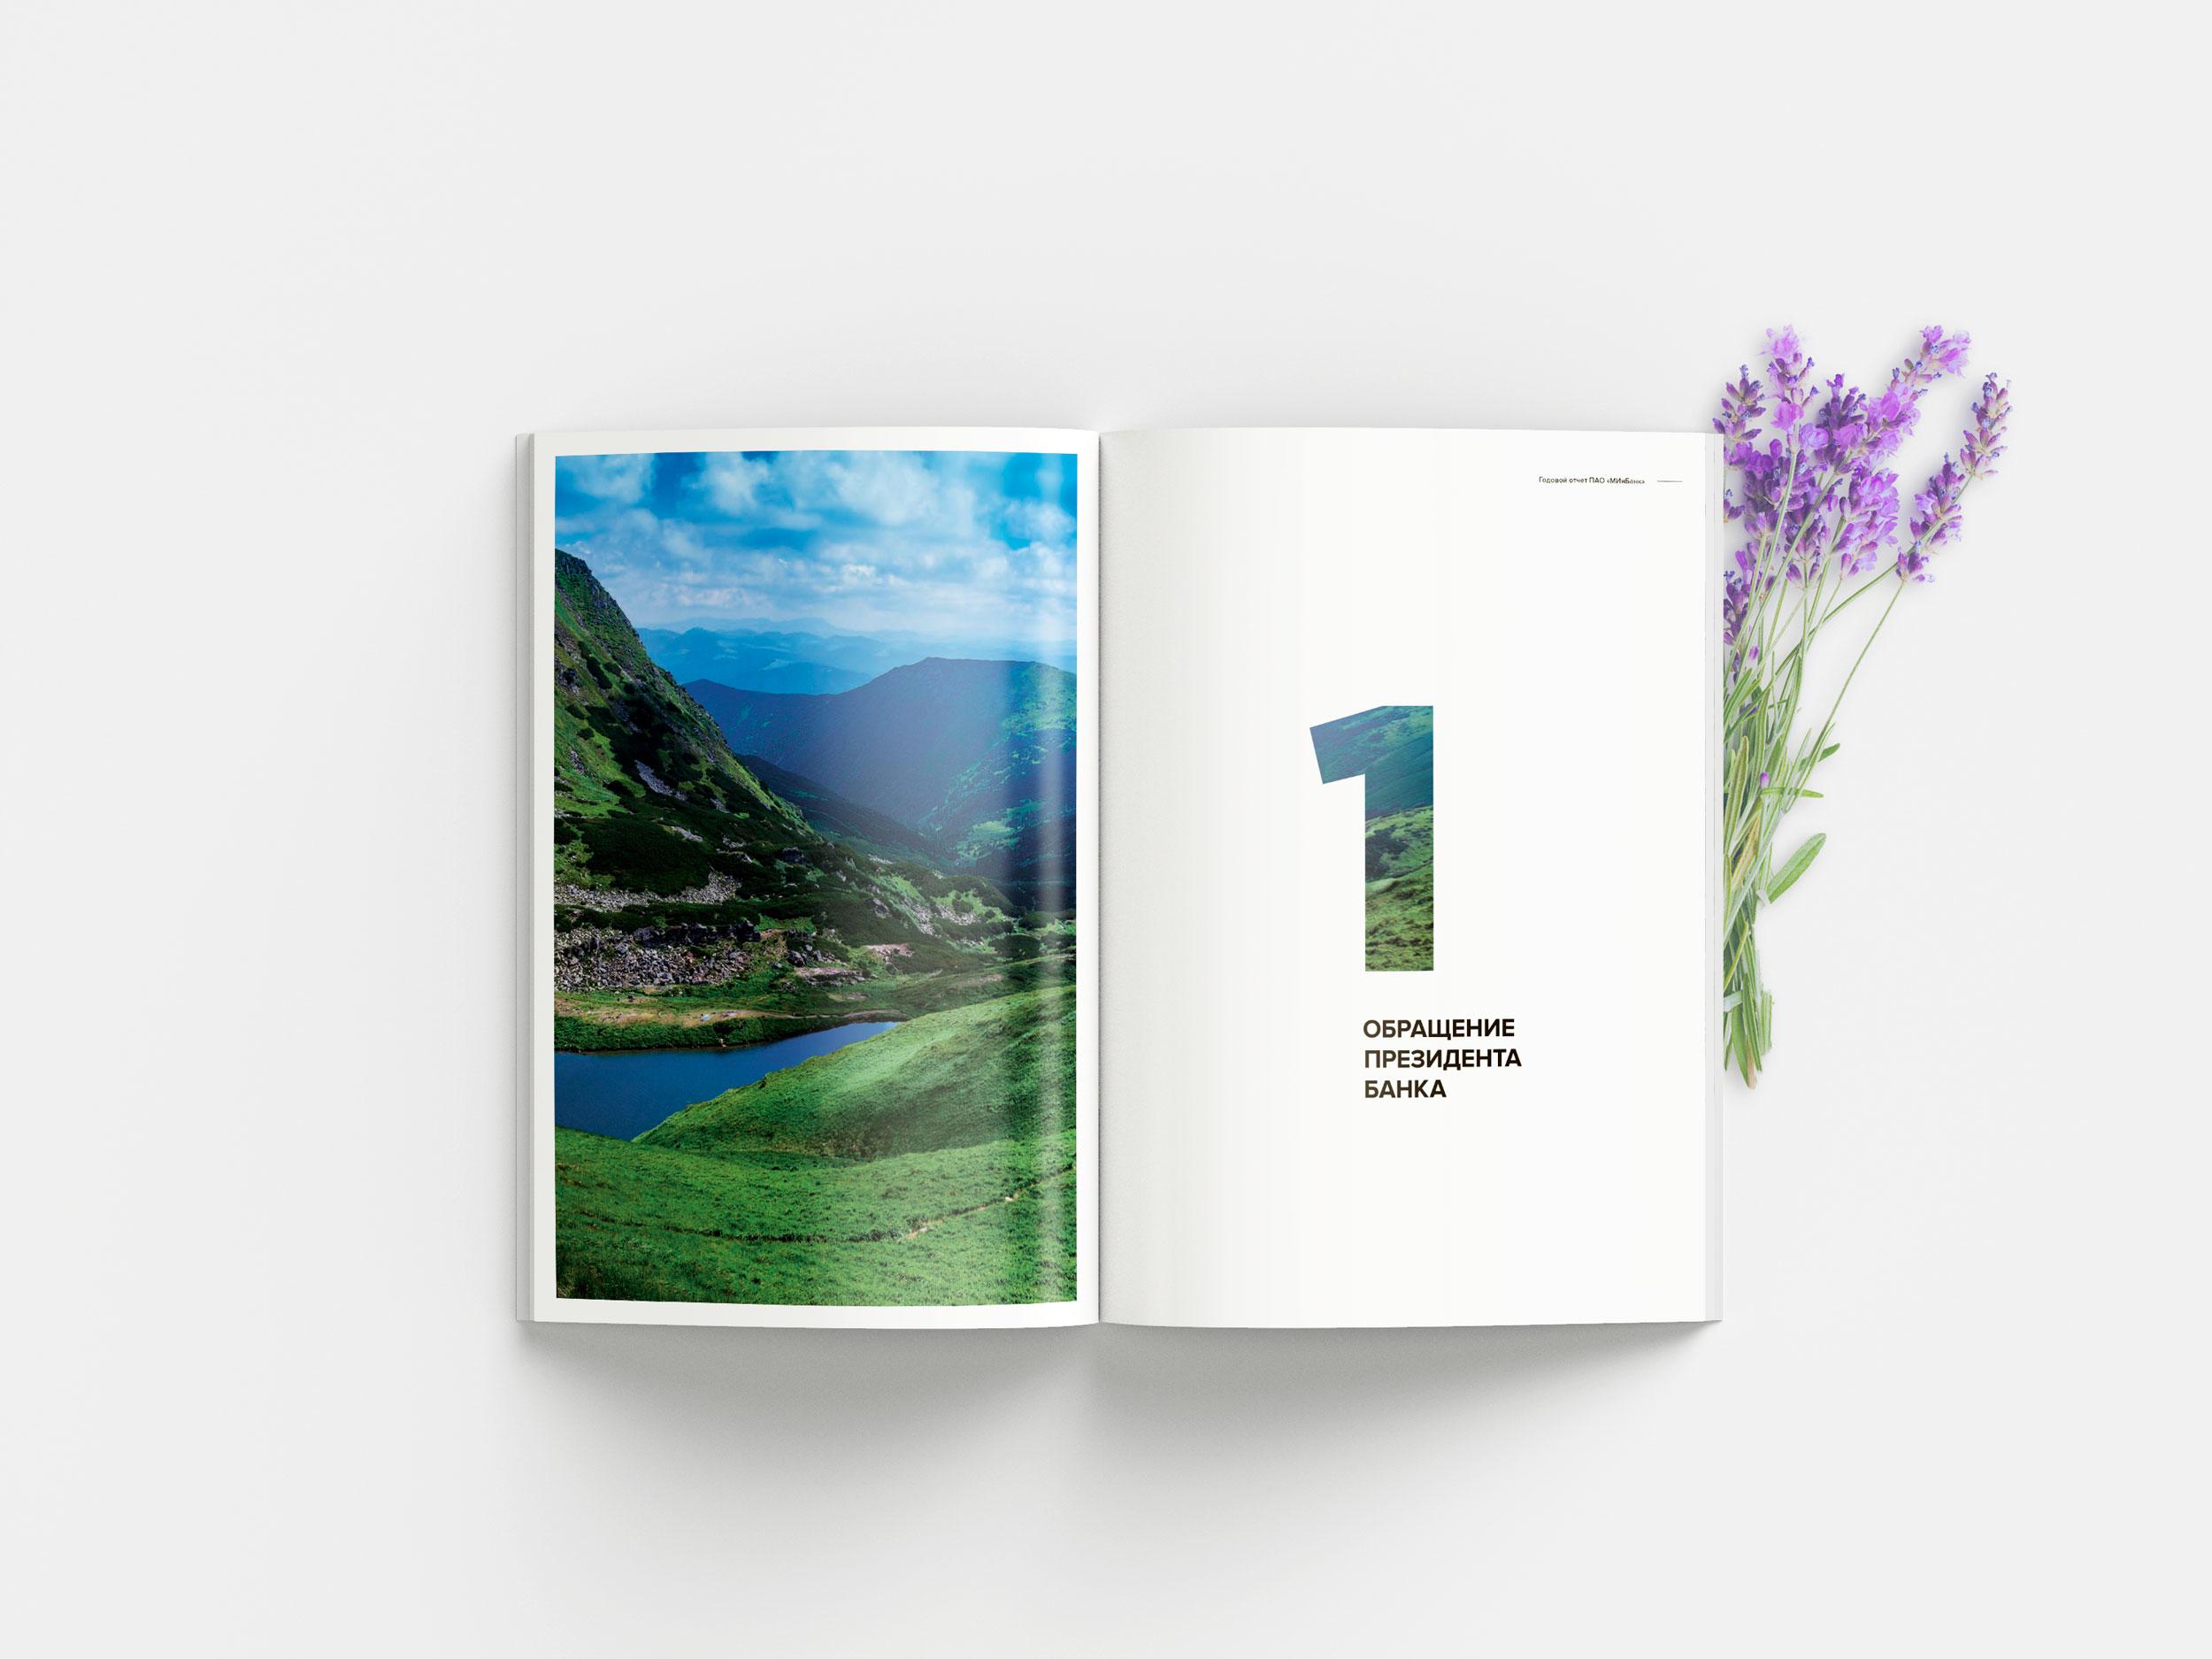 МинБанк - Годовой Отчет | Новое портфолио студии дизайна ...